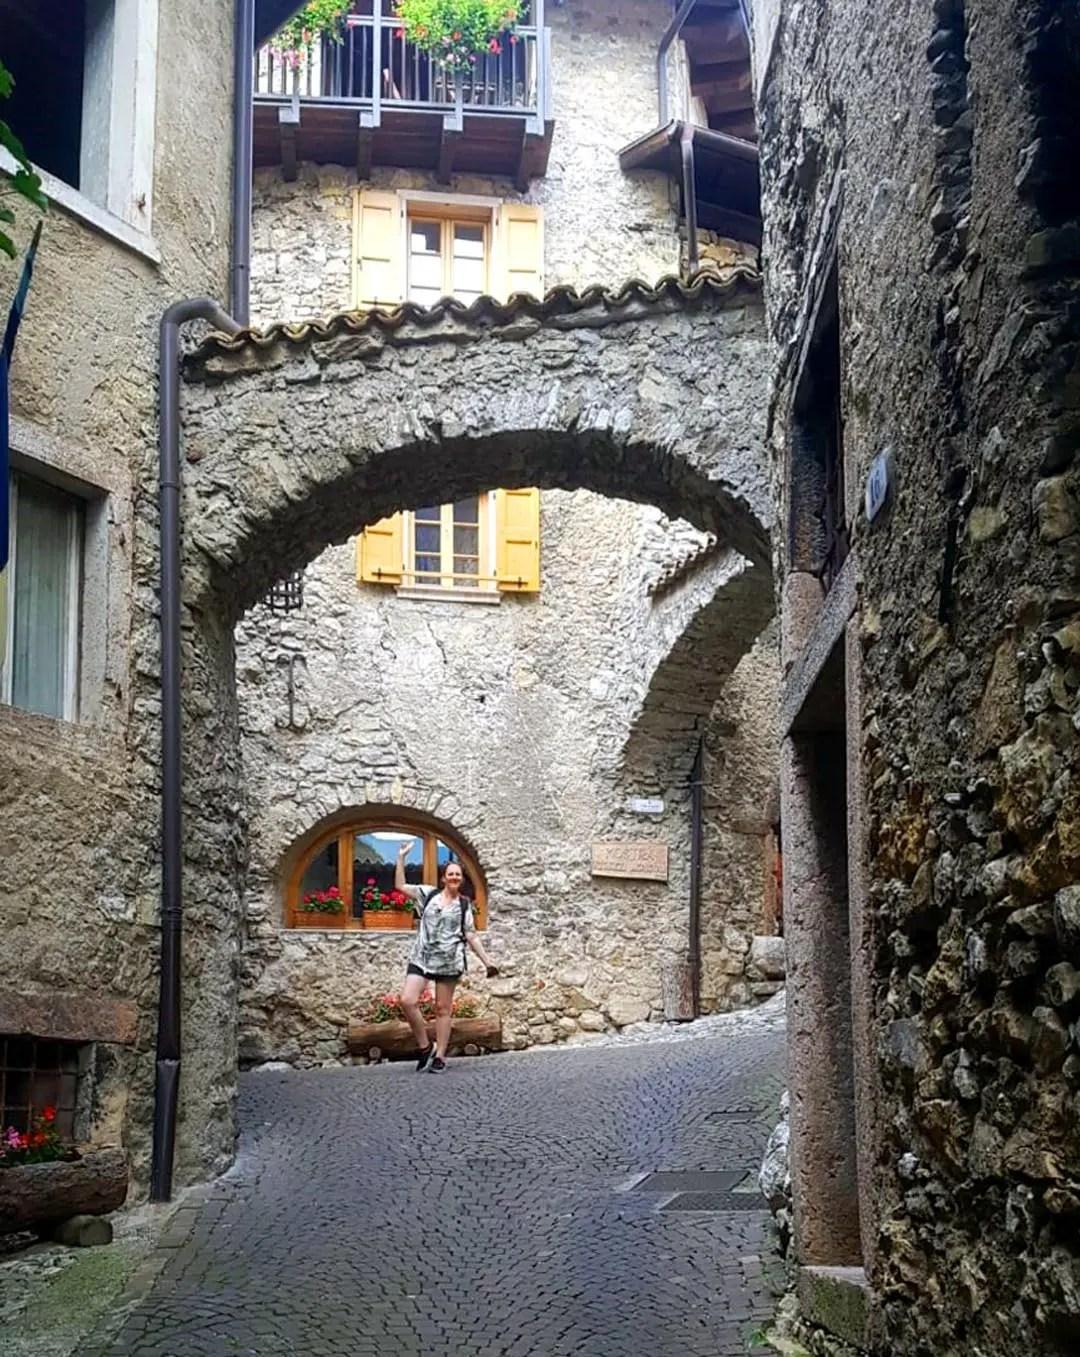 Passeggiata a Canale di Tenno in Trentino